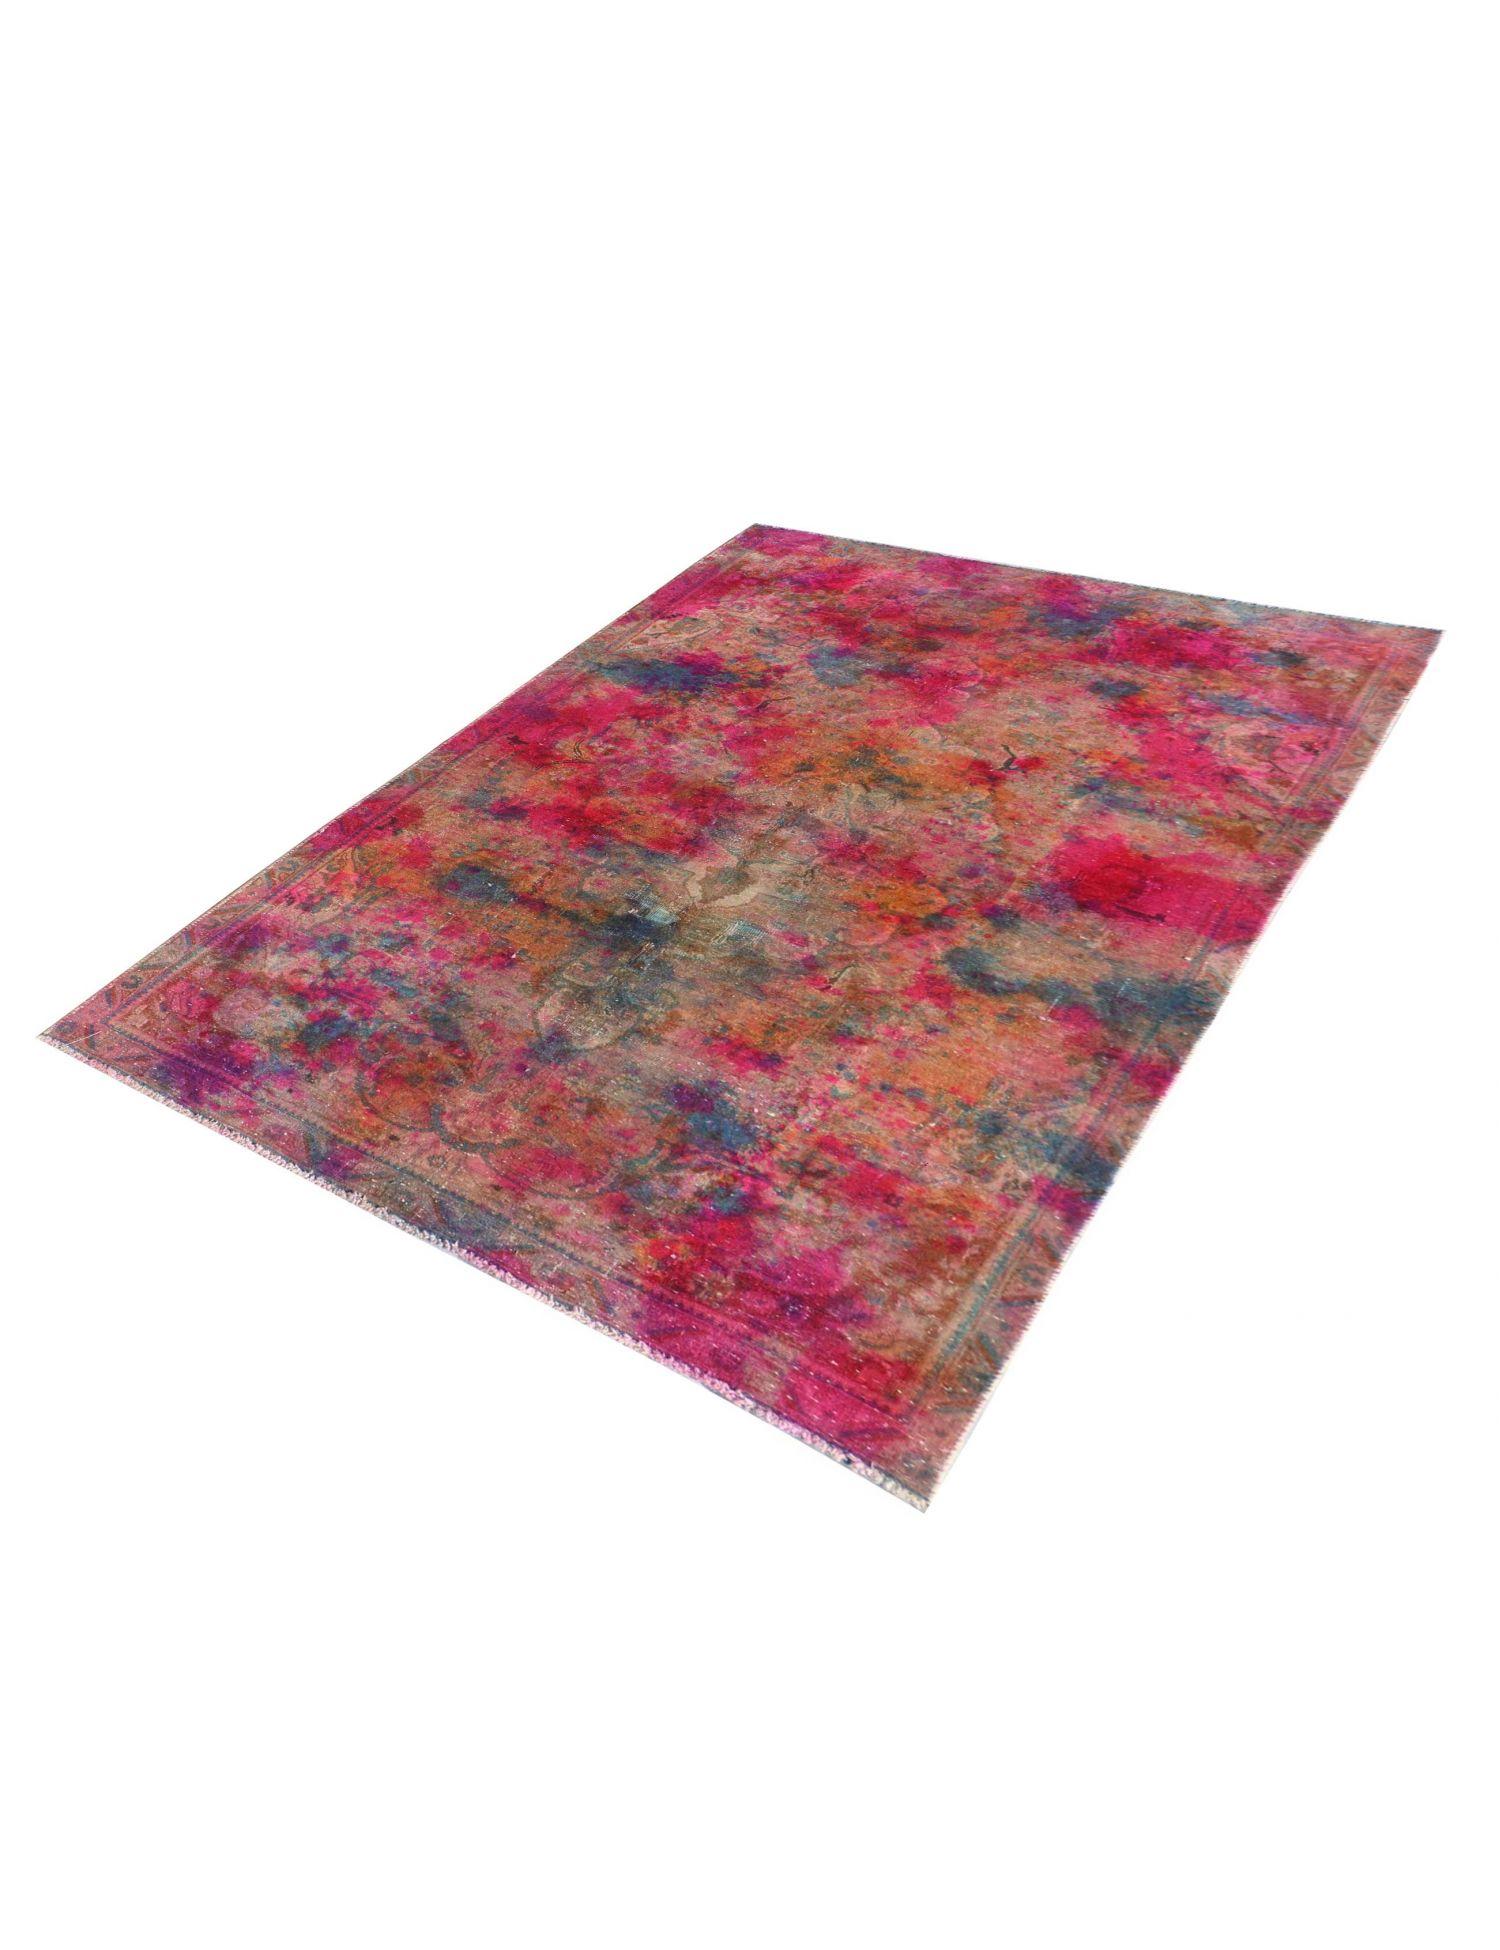 Vintage Perserteppich  mehrfarbig <br/>228 x 138 cm